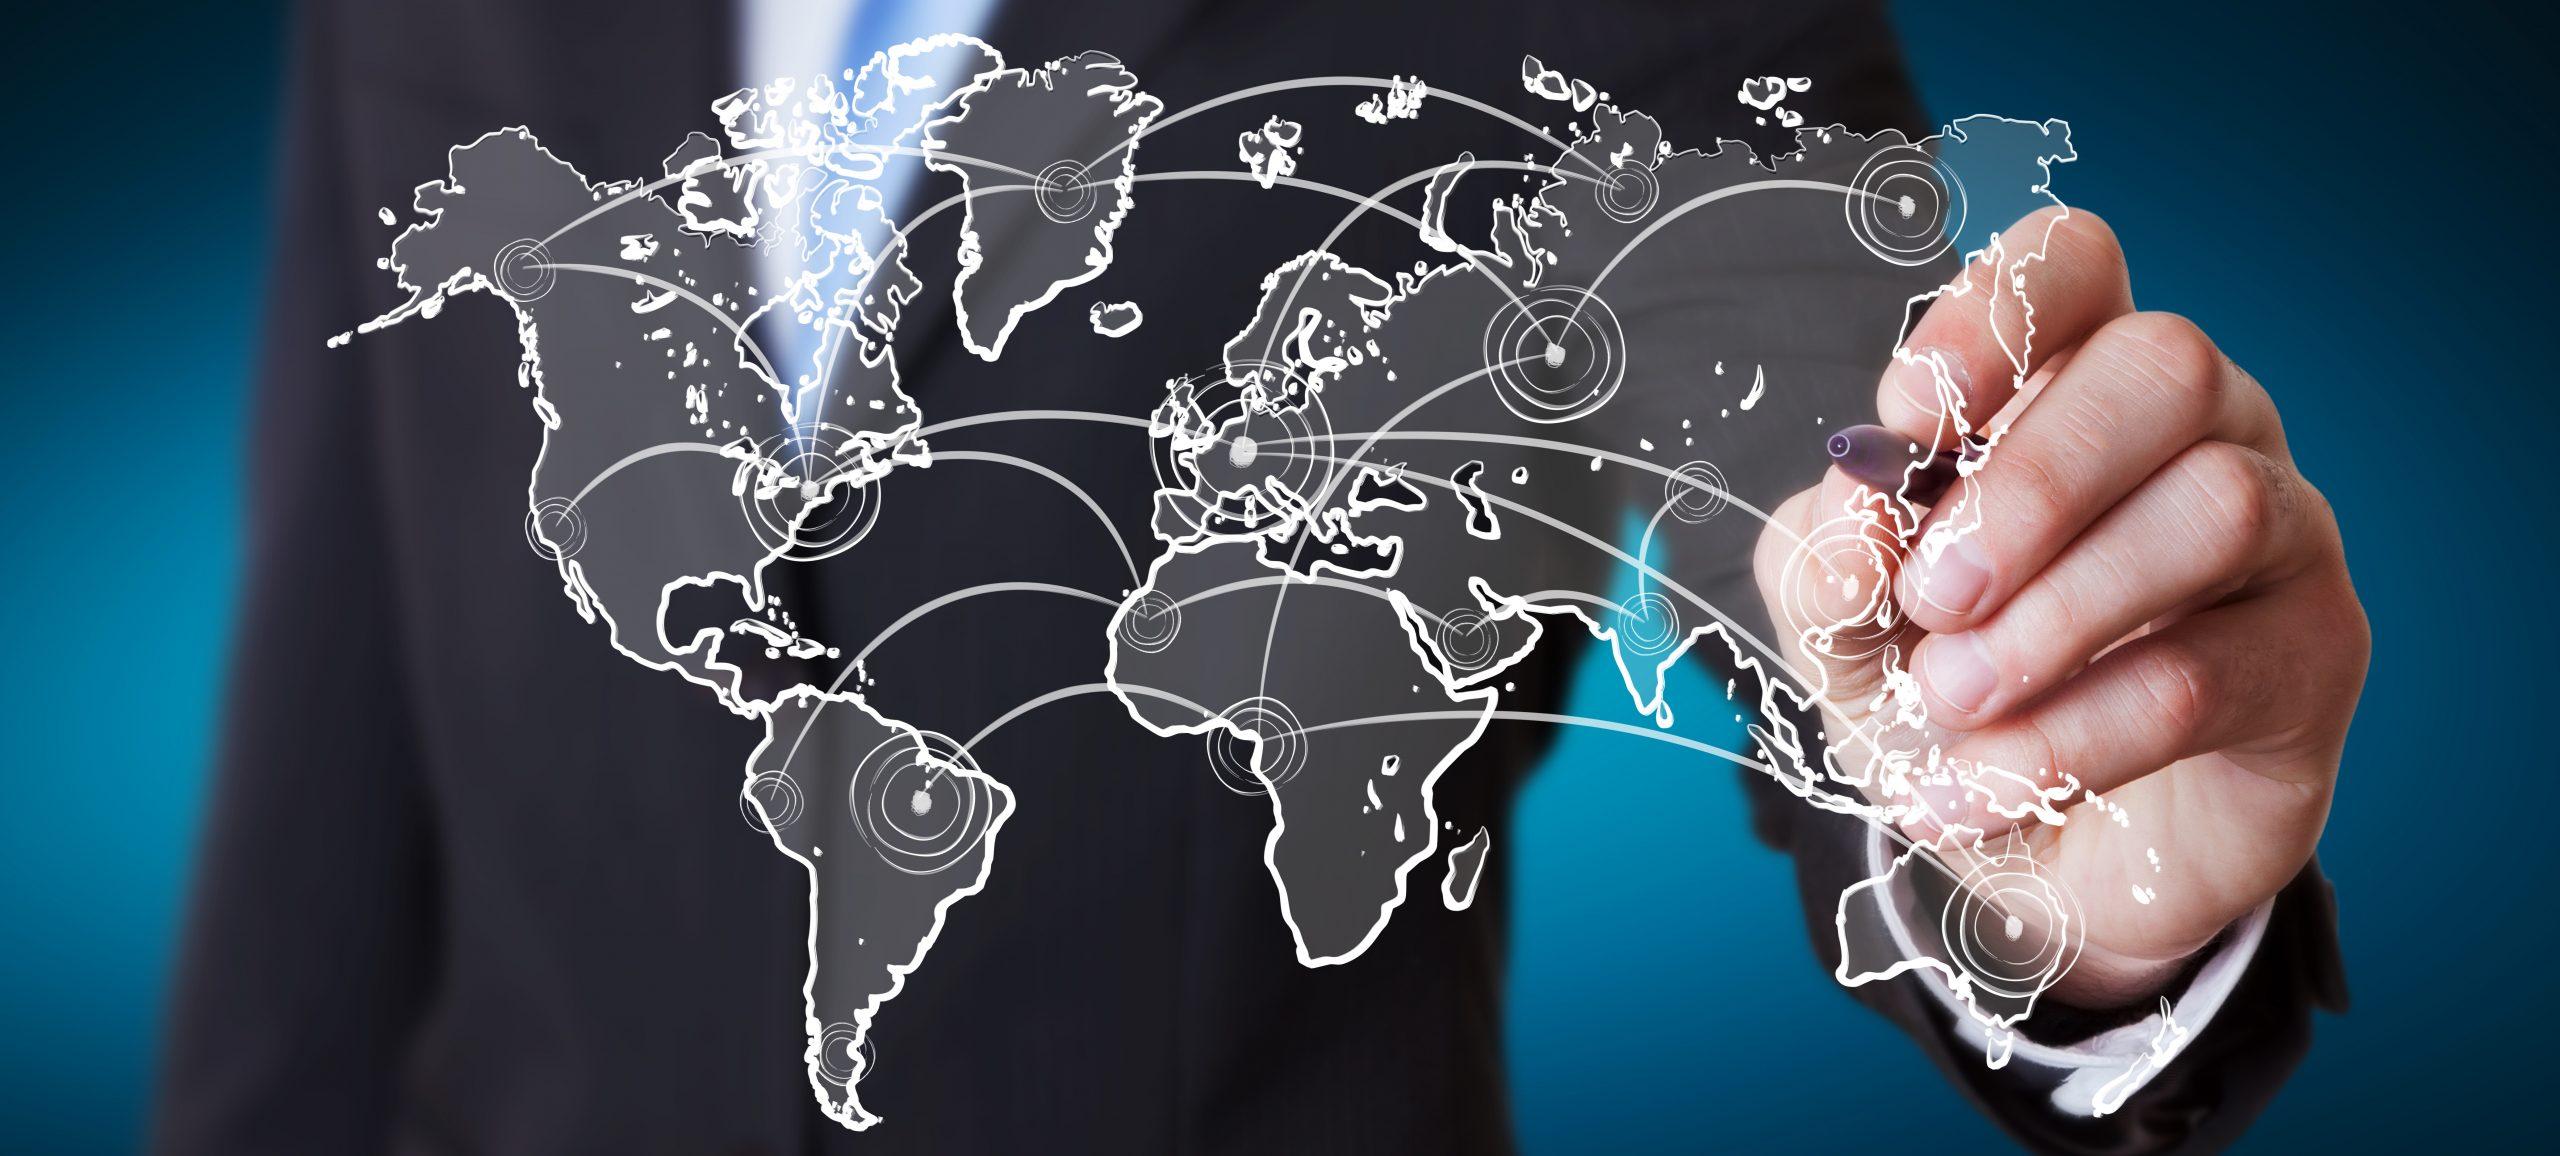 فرص الأعمال من خلال الحصول على الجنسية المزدوجة وجواز السفر الثاني